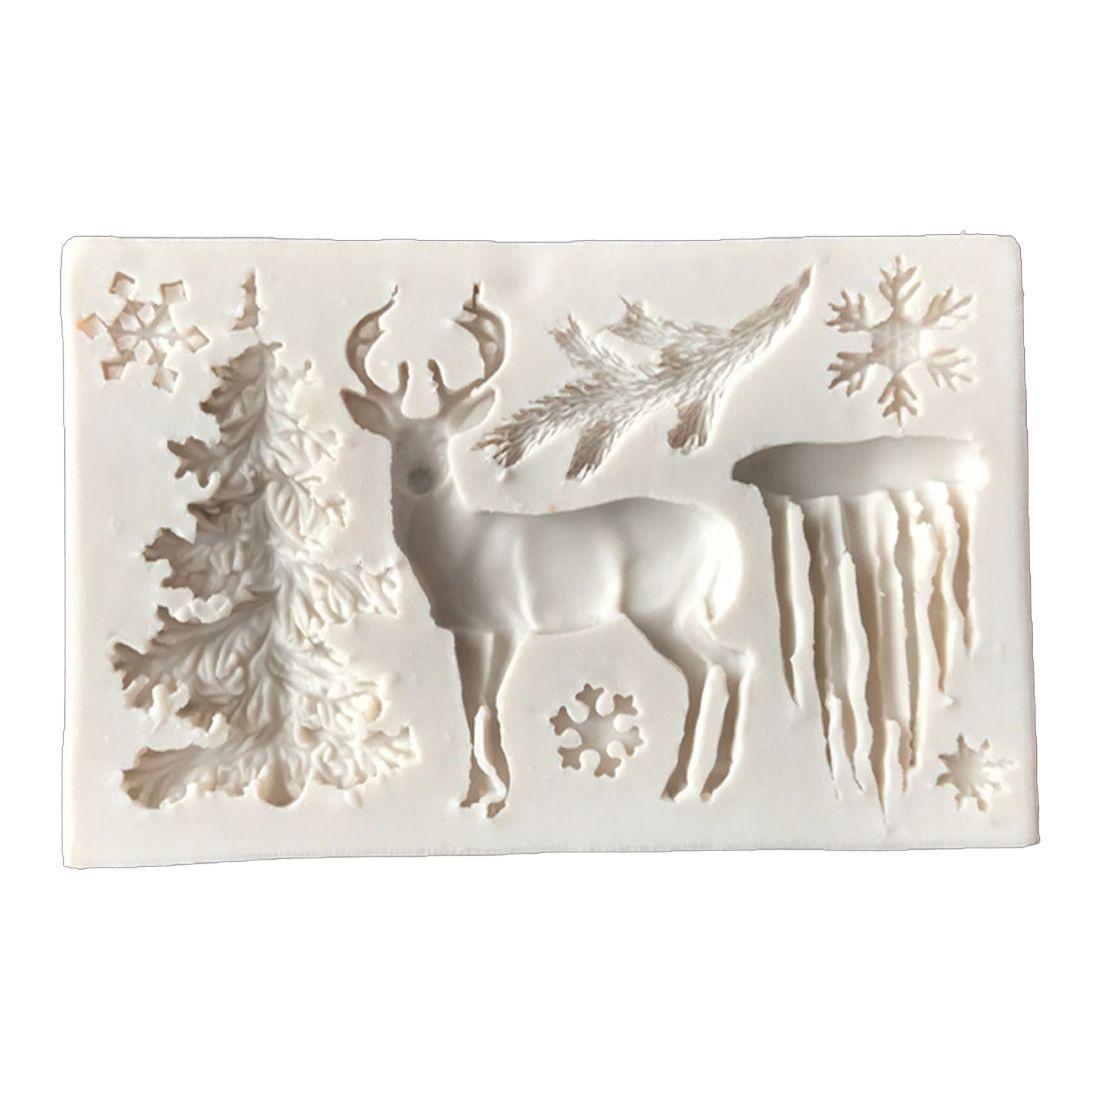 CORADO Útil Árbol de navidad Elk Copo de nieve Molde de silicona Molde de chocolate para hornear jalea Herramientas artesanales Fondant Cake Decorating